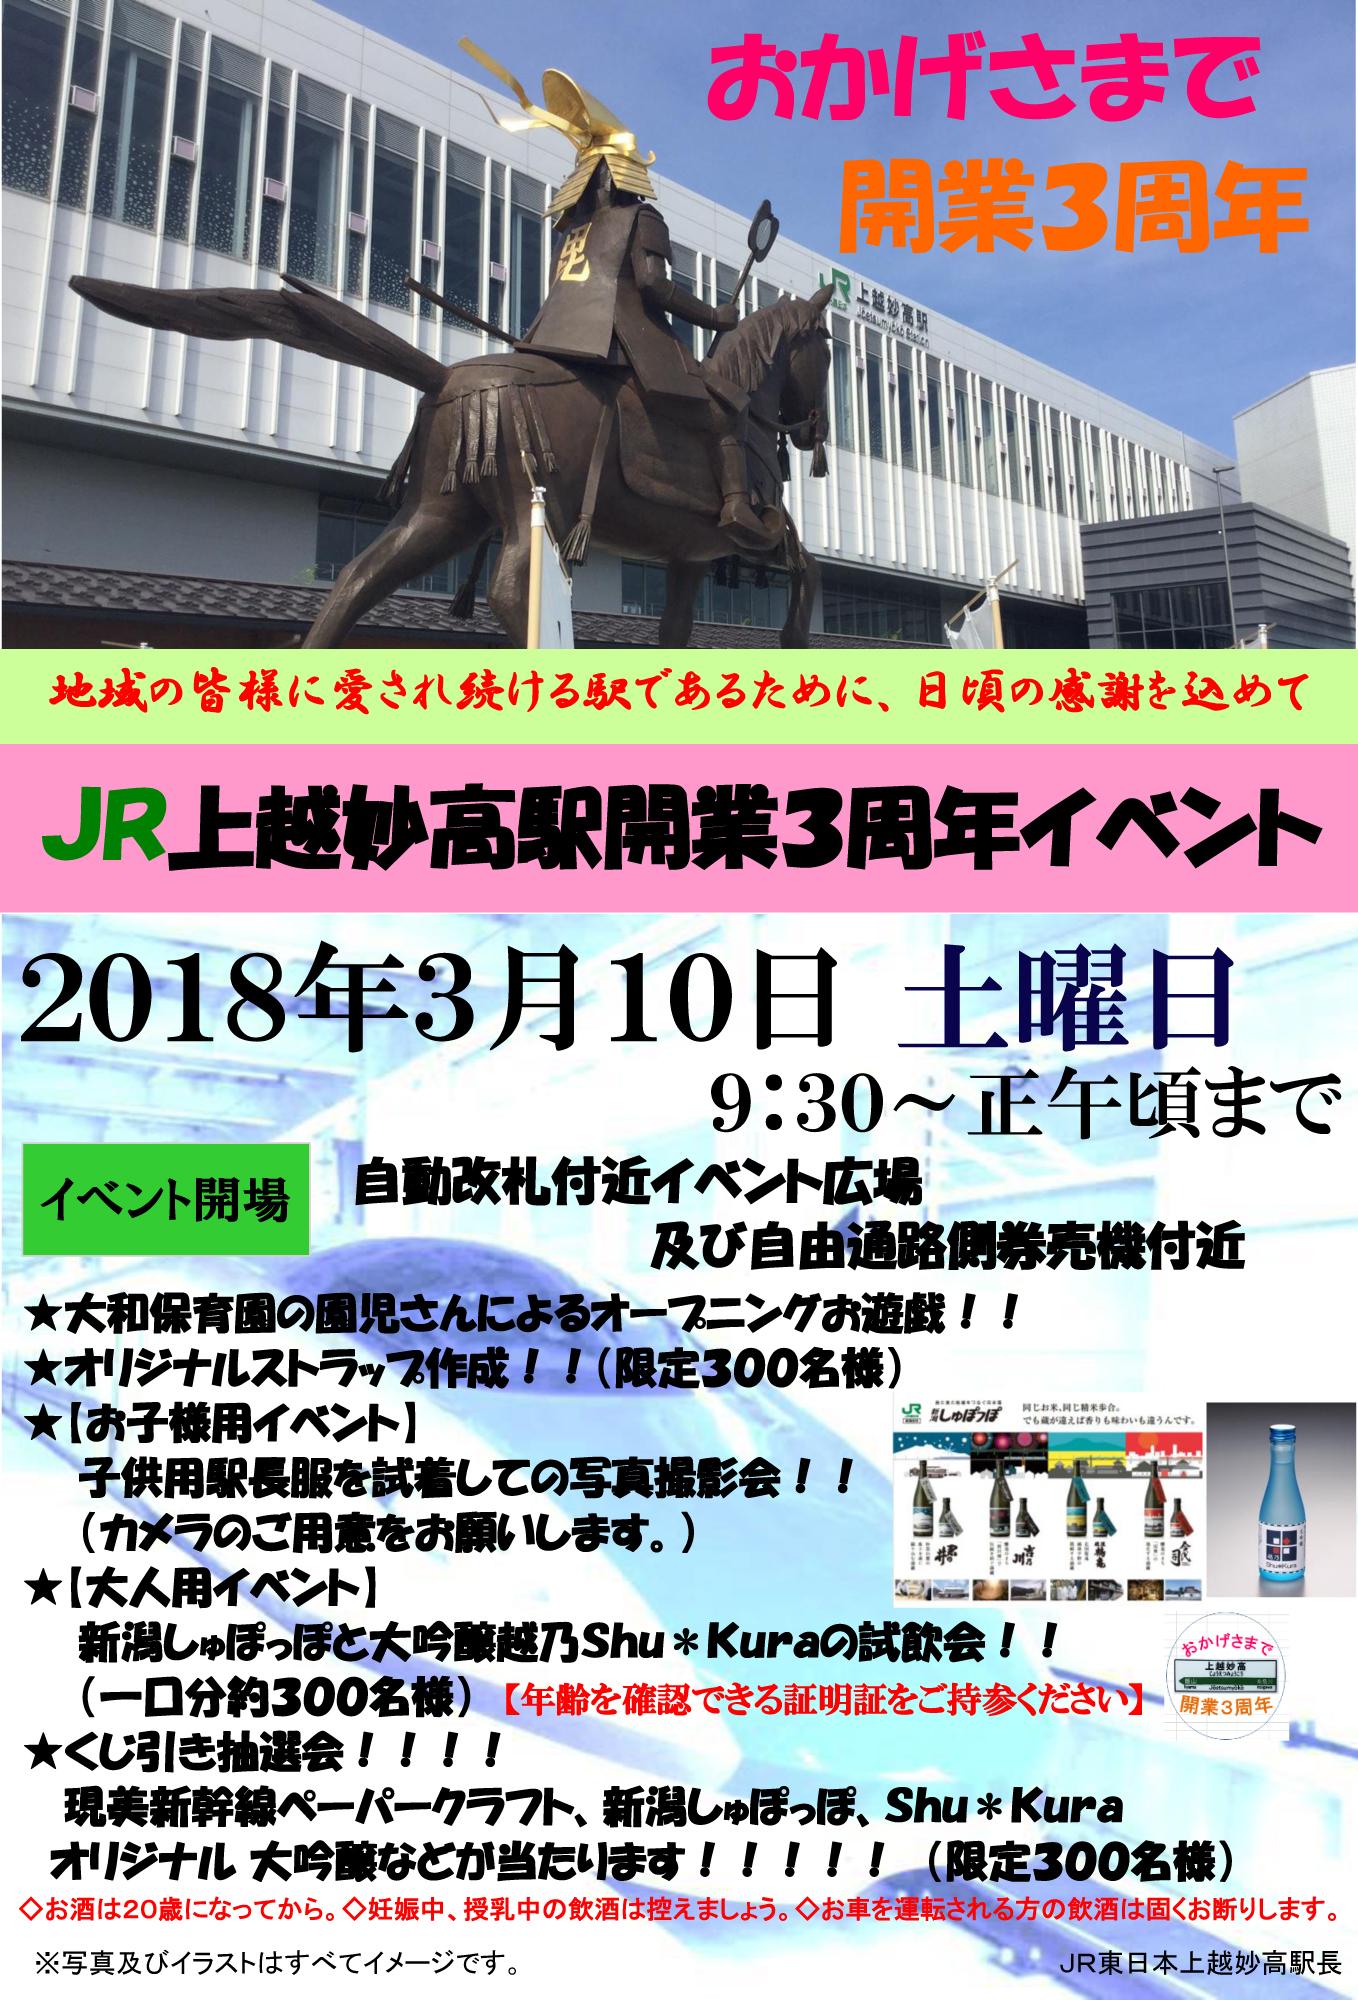 JR上越妙高駅チラシ